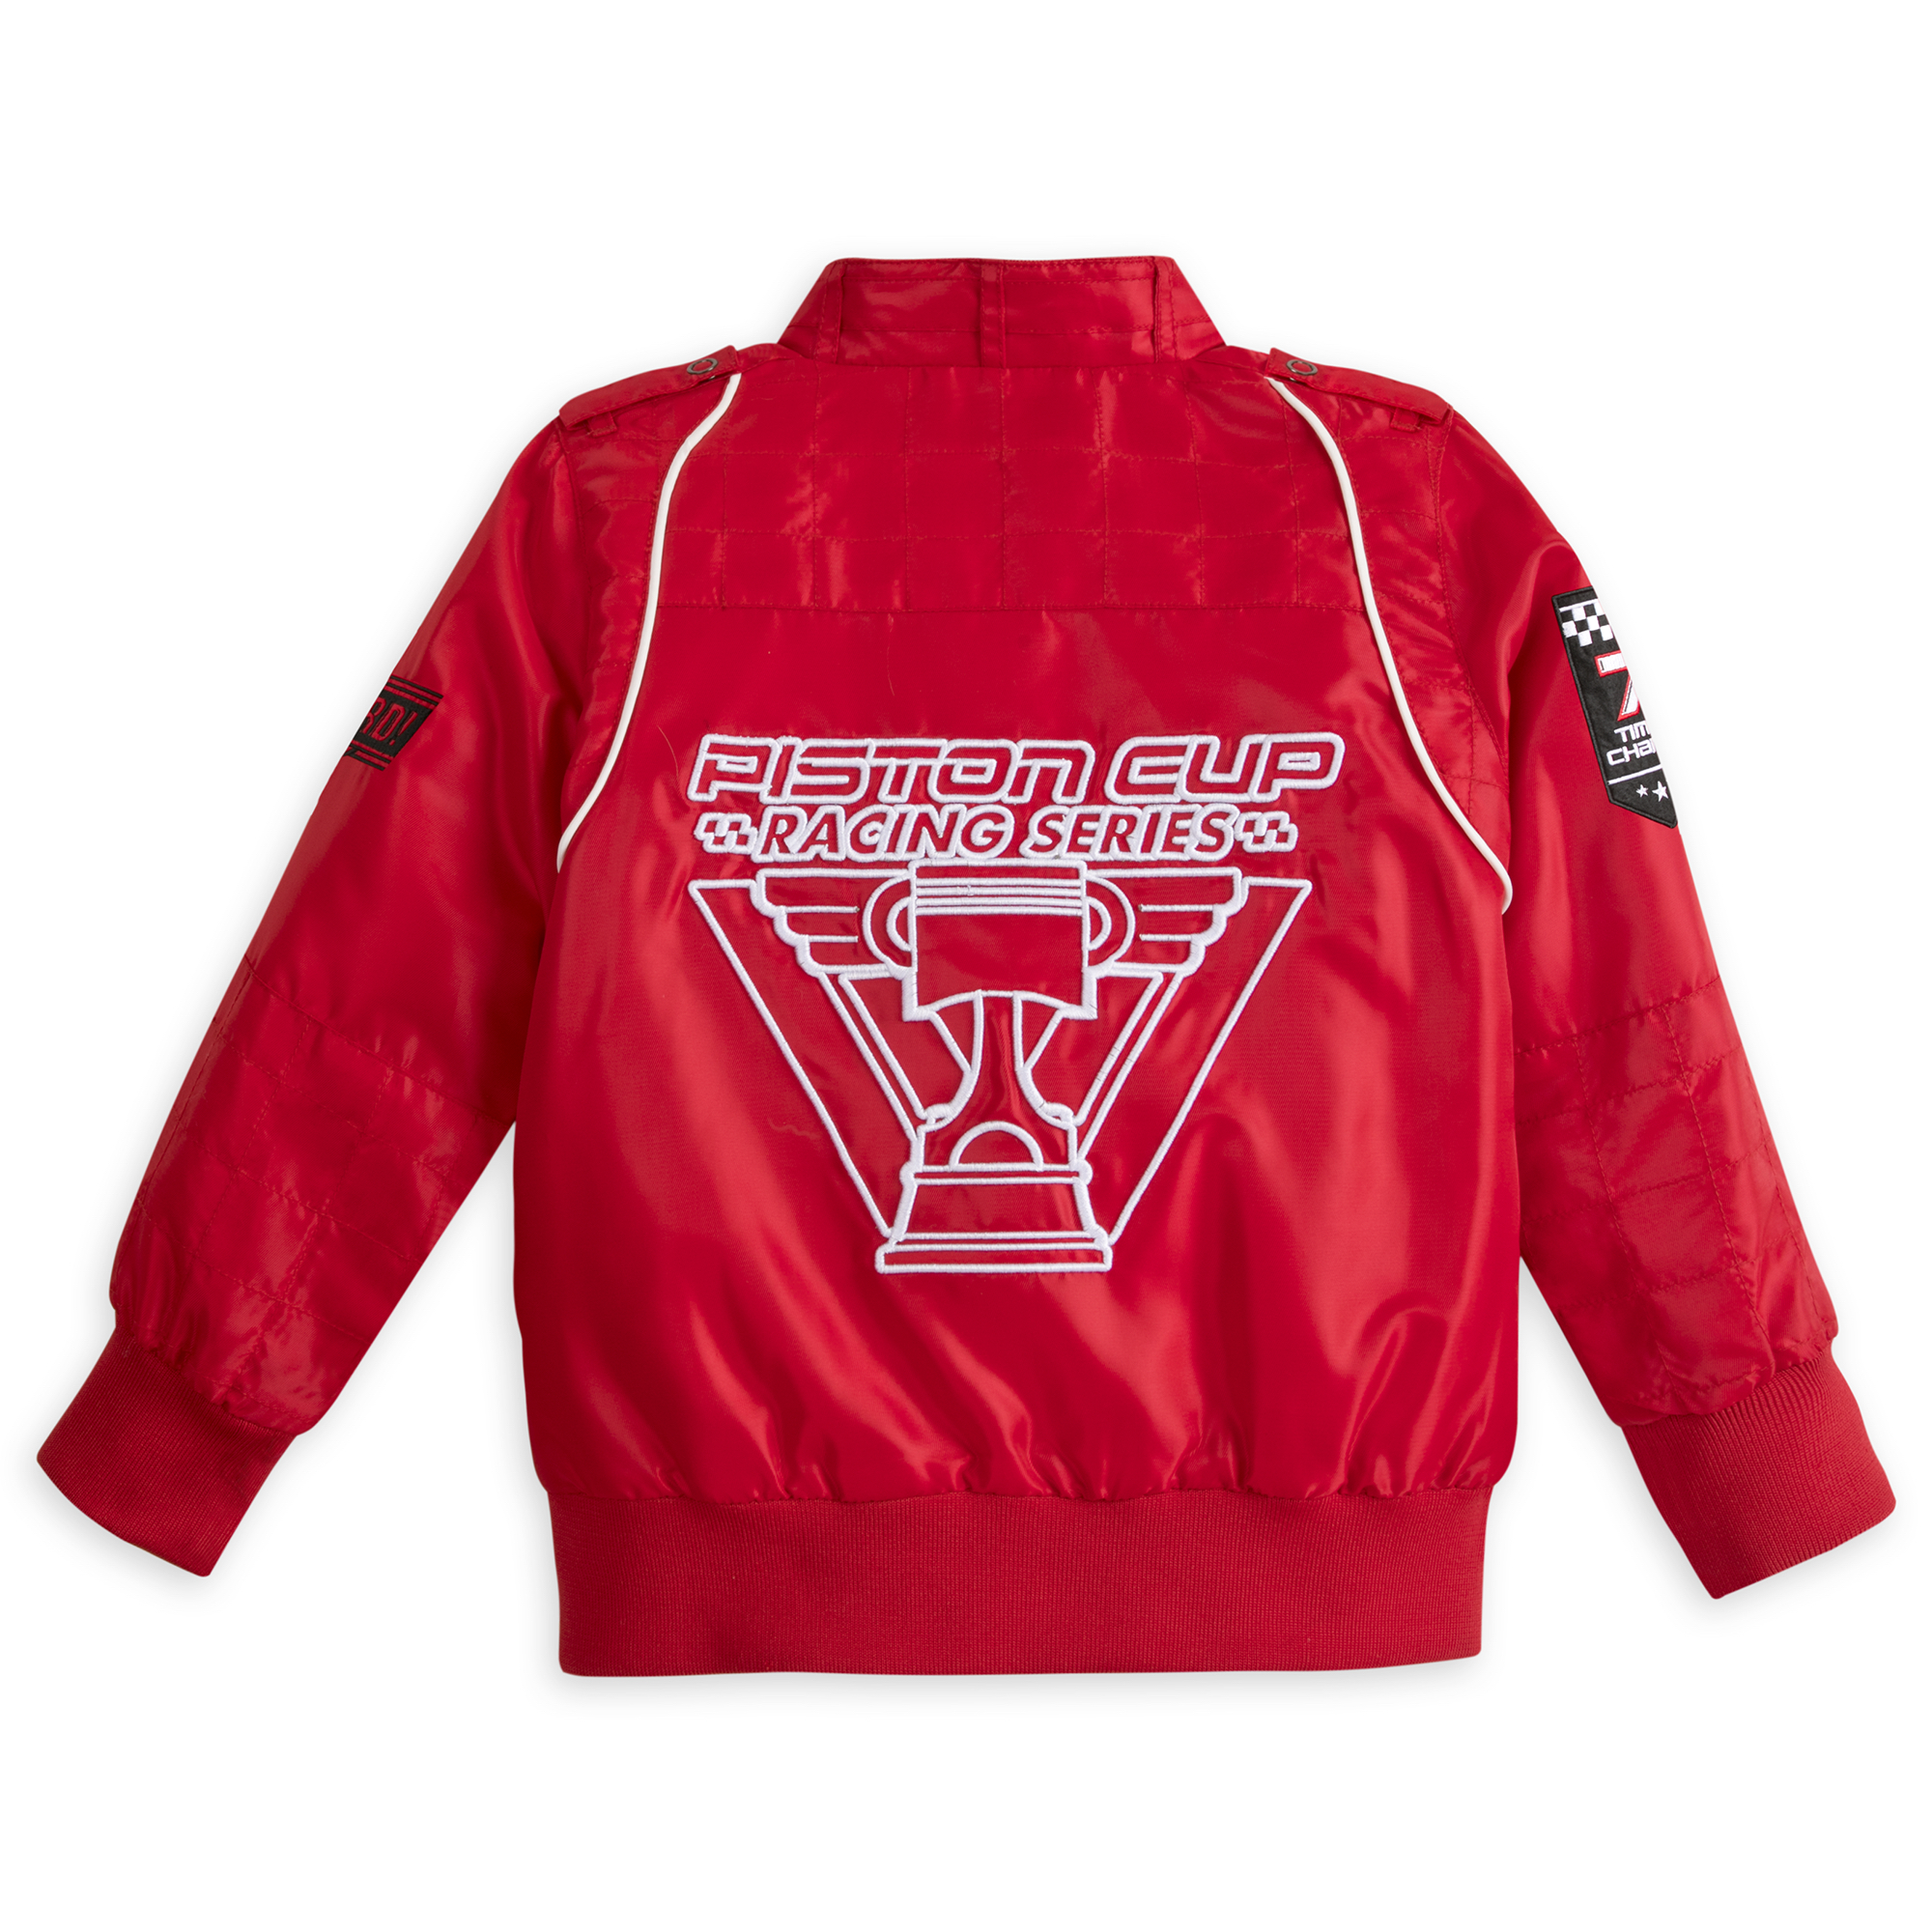 jacket_red.jpg